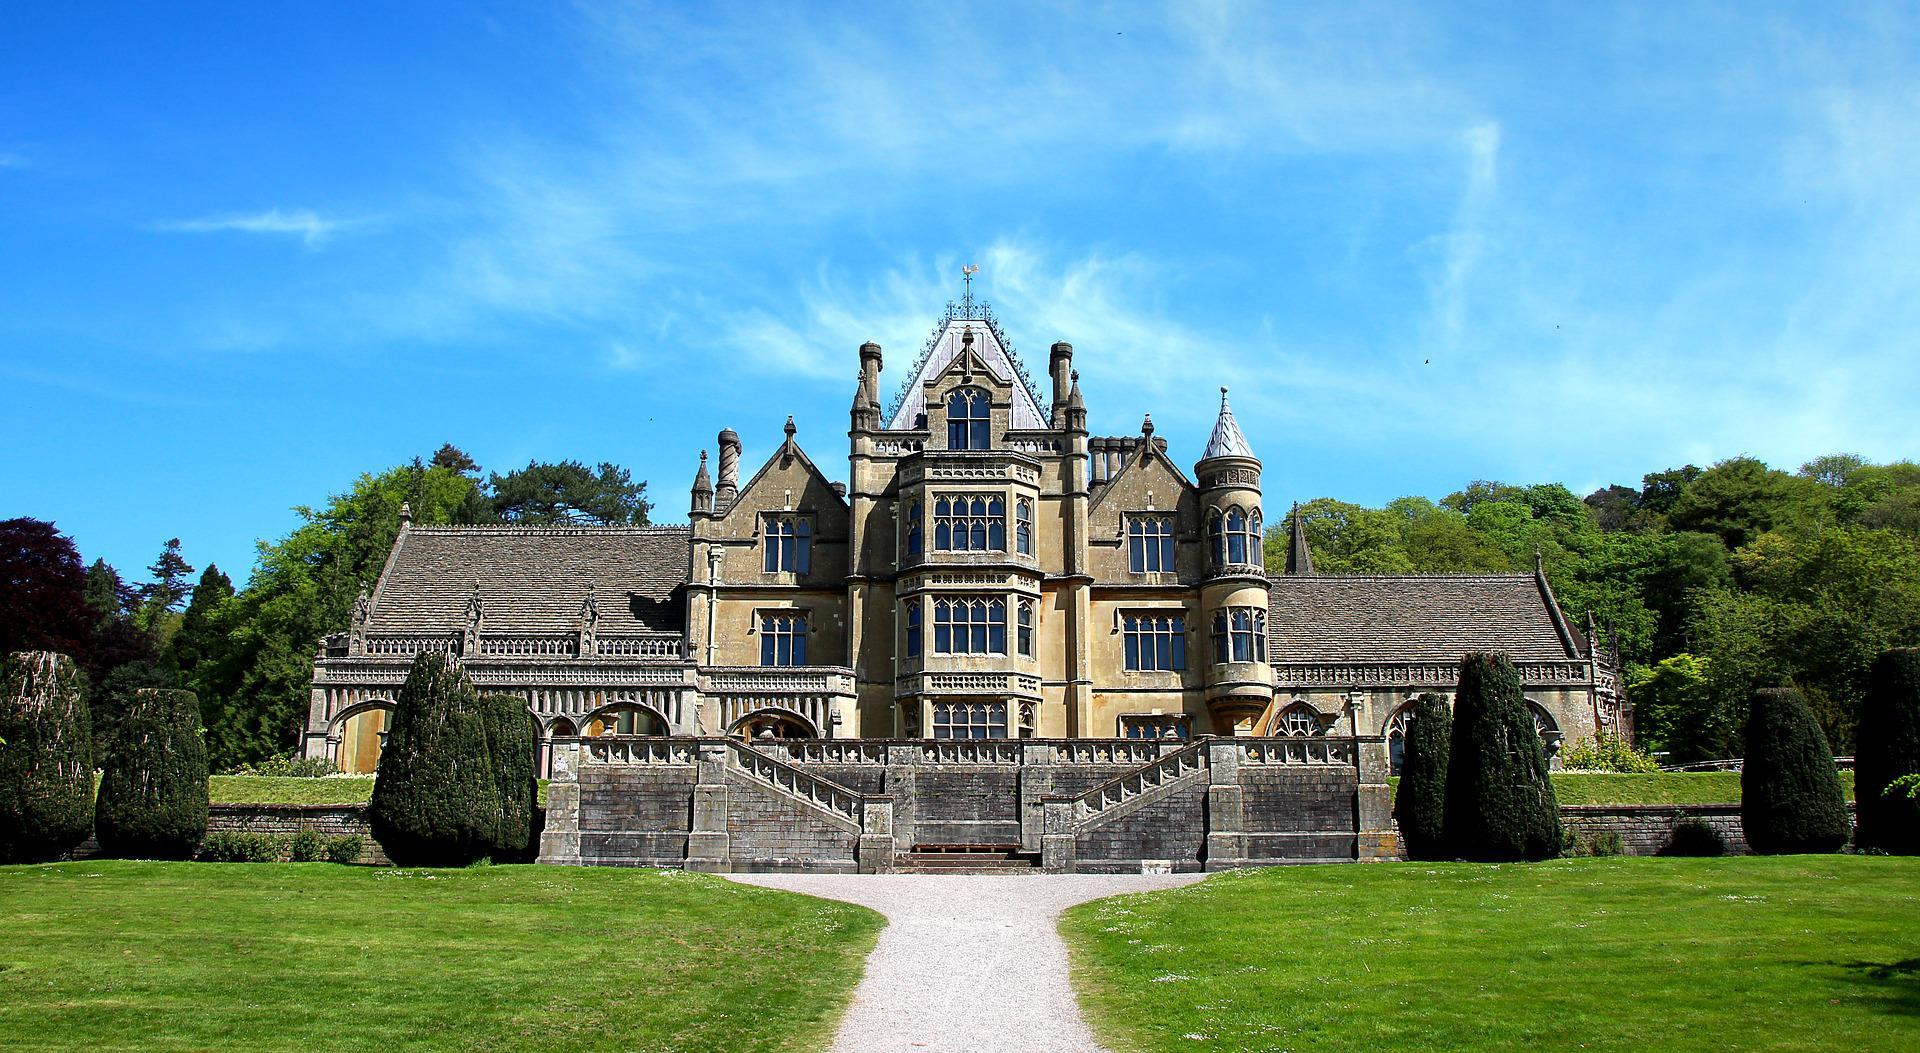 Великобритания намерена ввести новые налоги для иностранных владельцев британской недвижимости